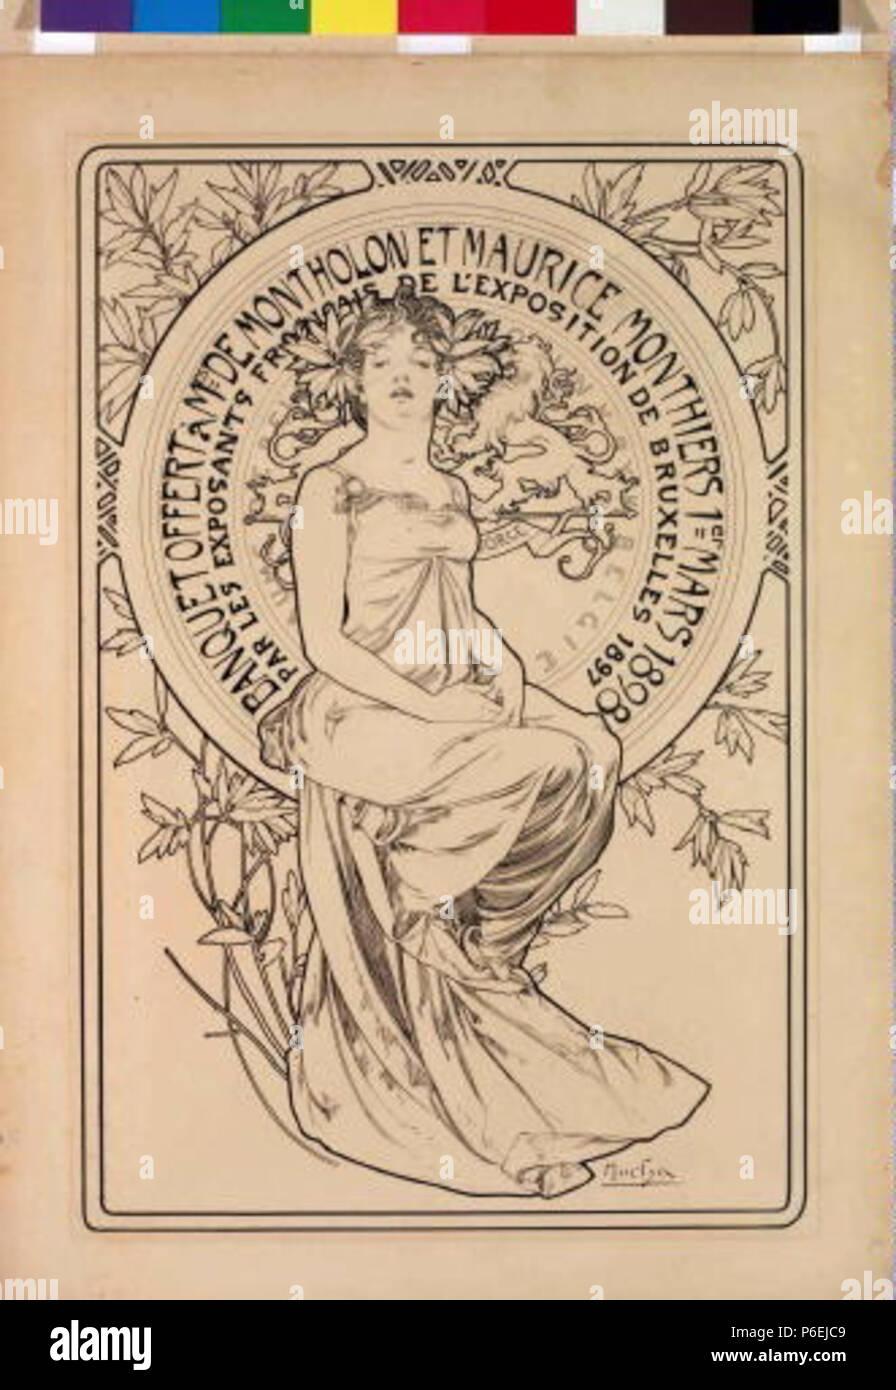 .: Plakát banket eština na 1898 6 Autor Alfons Mucha 24.7.1860-14.7.1939 - Plakat na banket Foto de stock